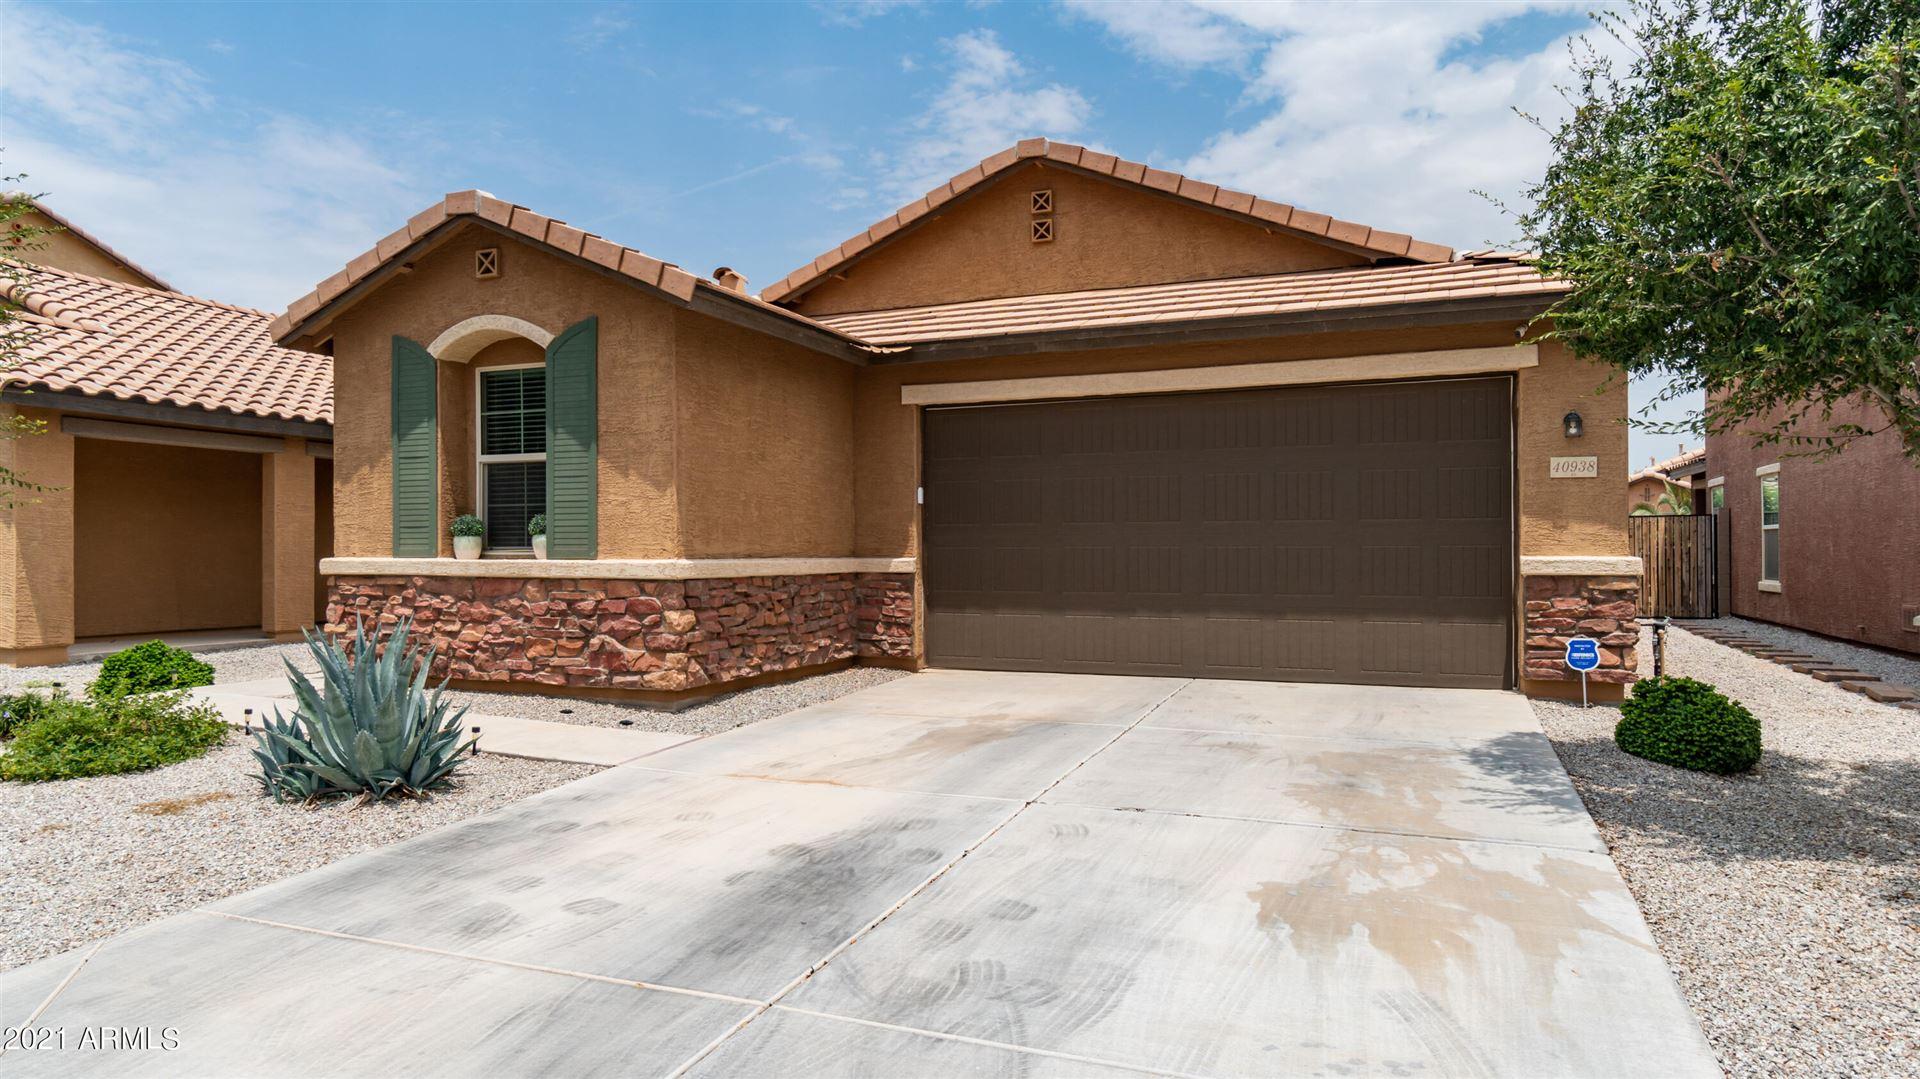 Photo of 40938 W MARY LOU Drive, Maricopa, AZ 85138 (MLS # 6268476)